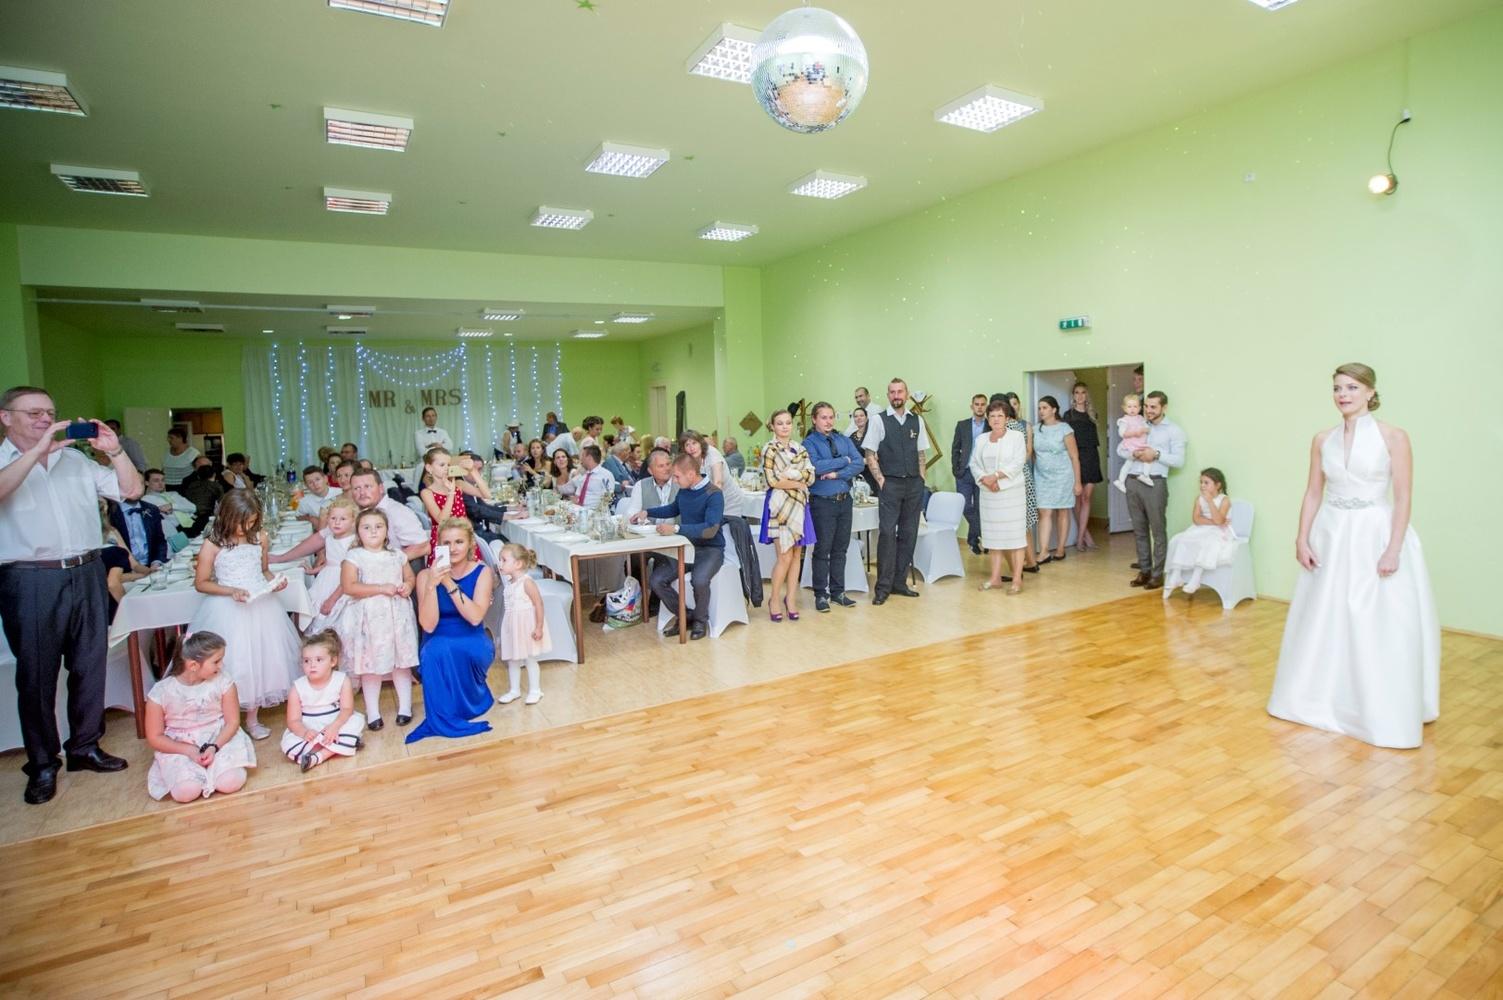 http://www.fotoz.sk/images/gallery-8/normal/eskuvoi-fotos_svadobny-fotograf_518.jpg